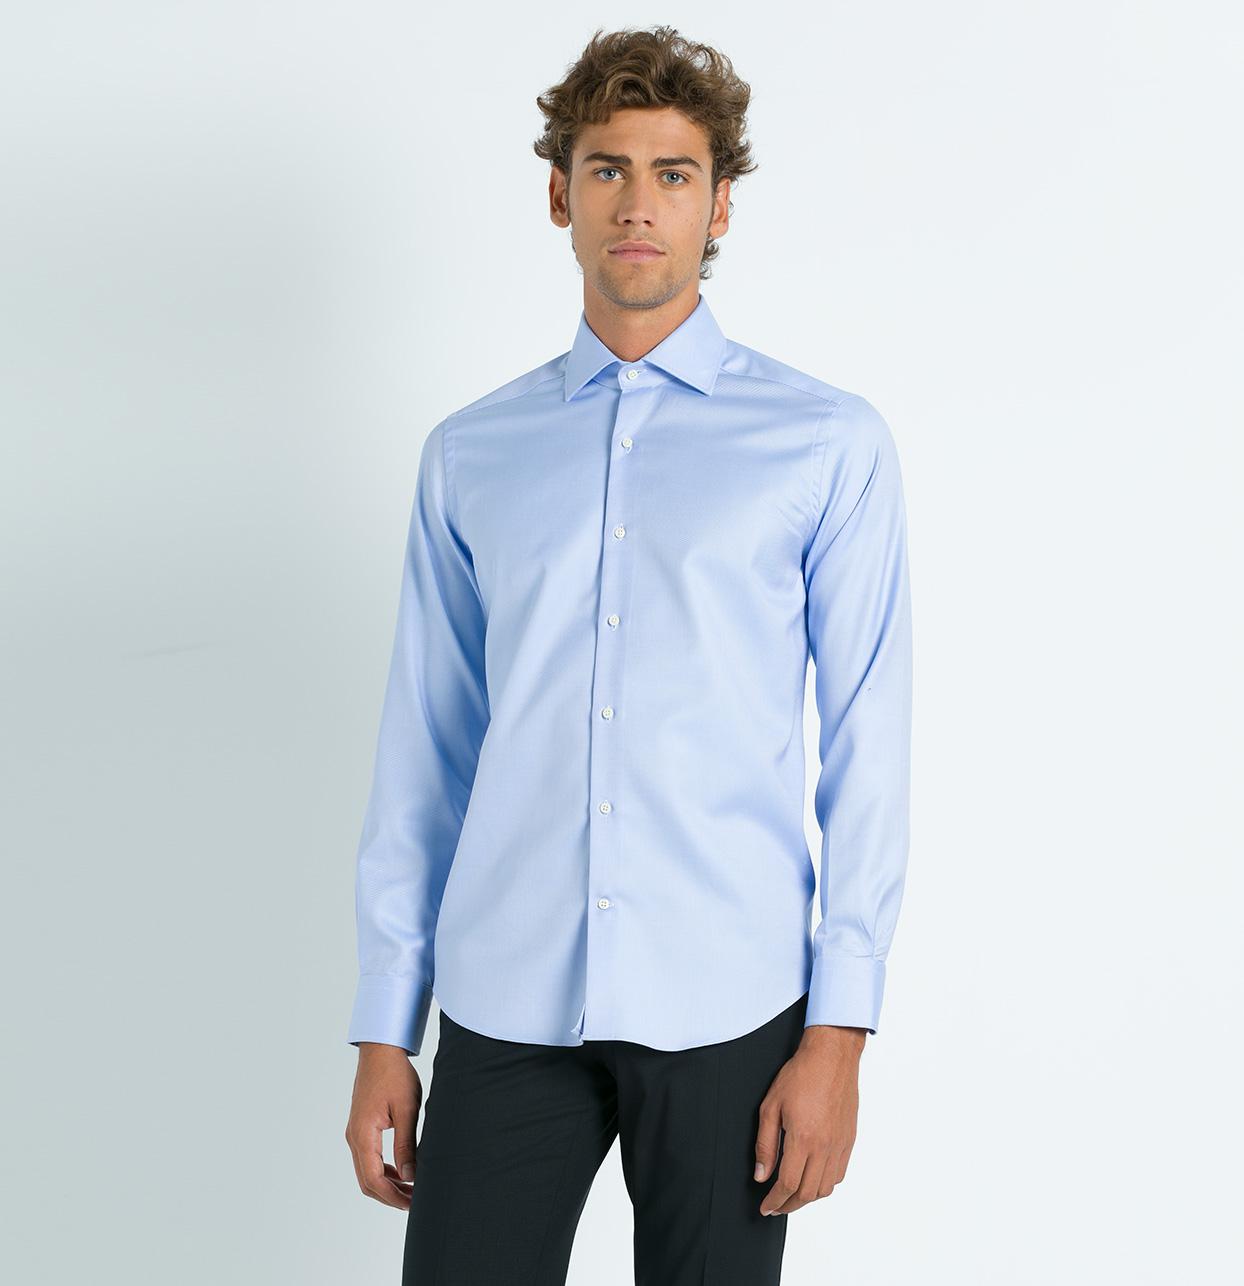 Camisa Formal Wear SLIM FIT cuello italiano modelo ROMA tejido micro esterilla color blanco, 100% Algodón. - Ítem3